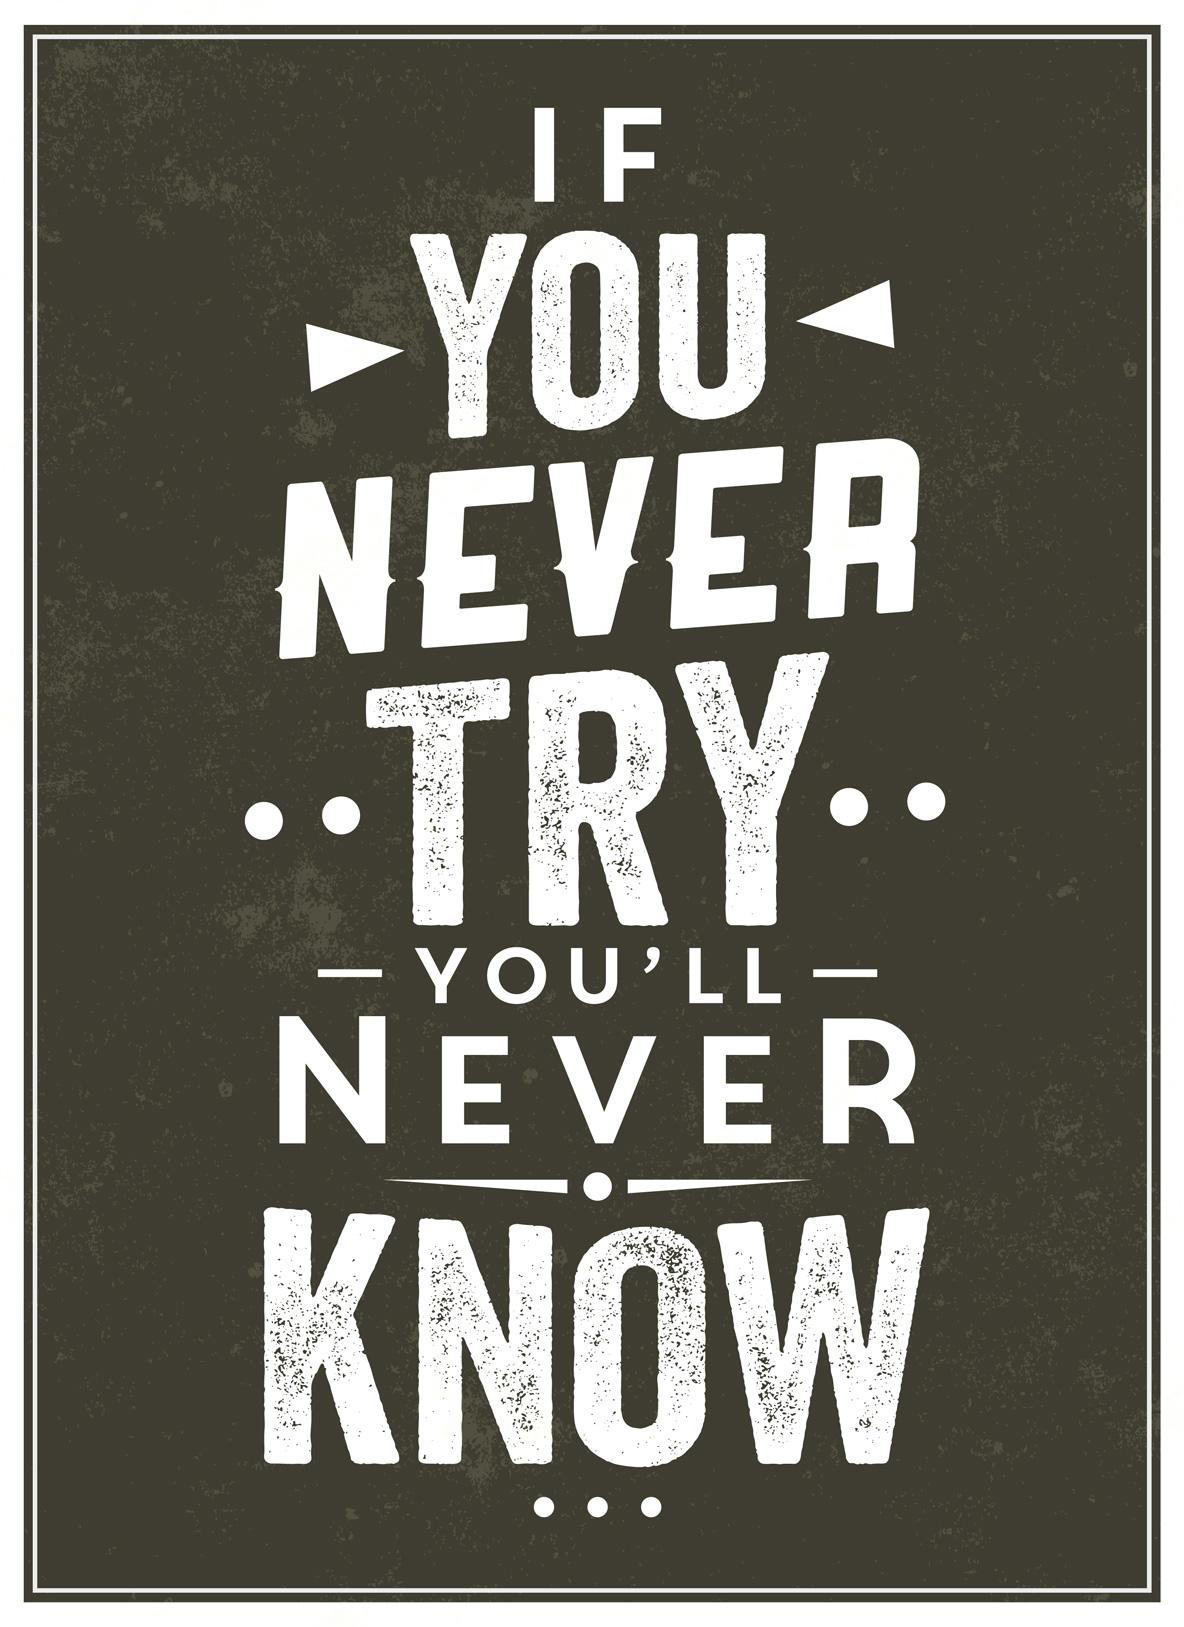 Wenn Du es nicht versuchst, wirst Du es nie erfahren ob es nicht doch geklappt hätte.